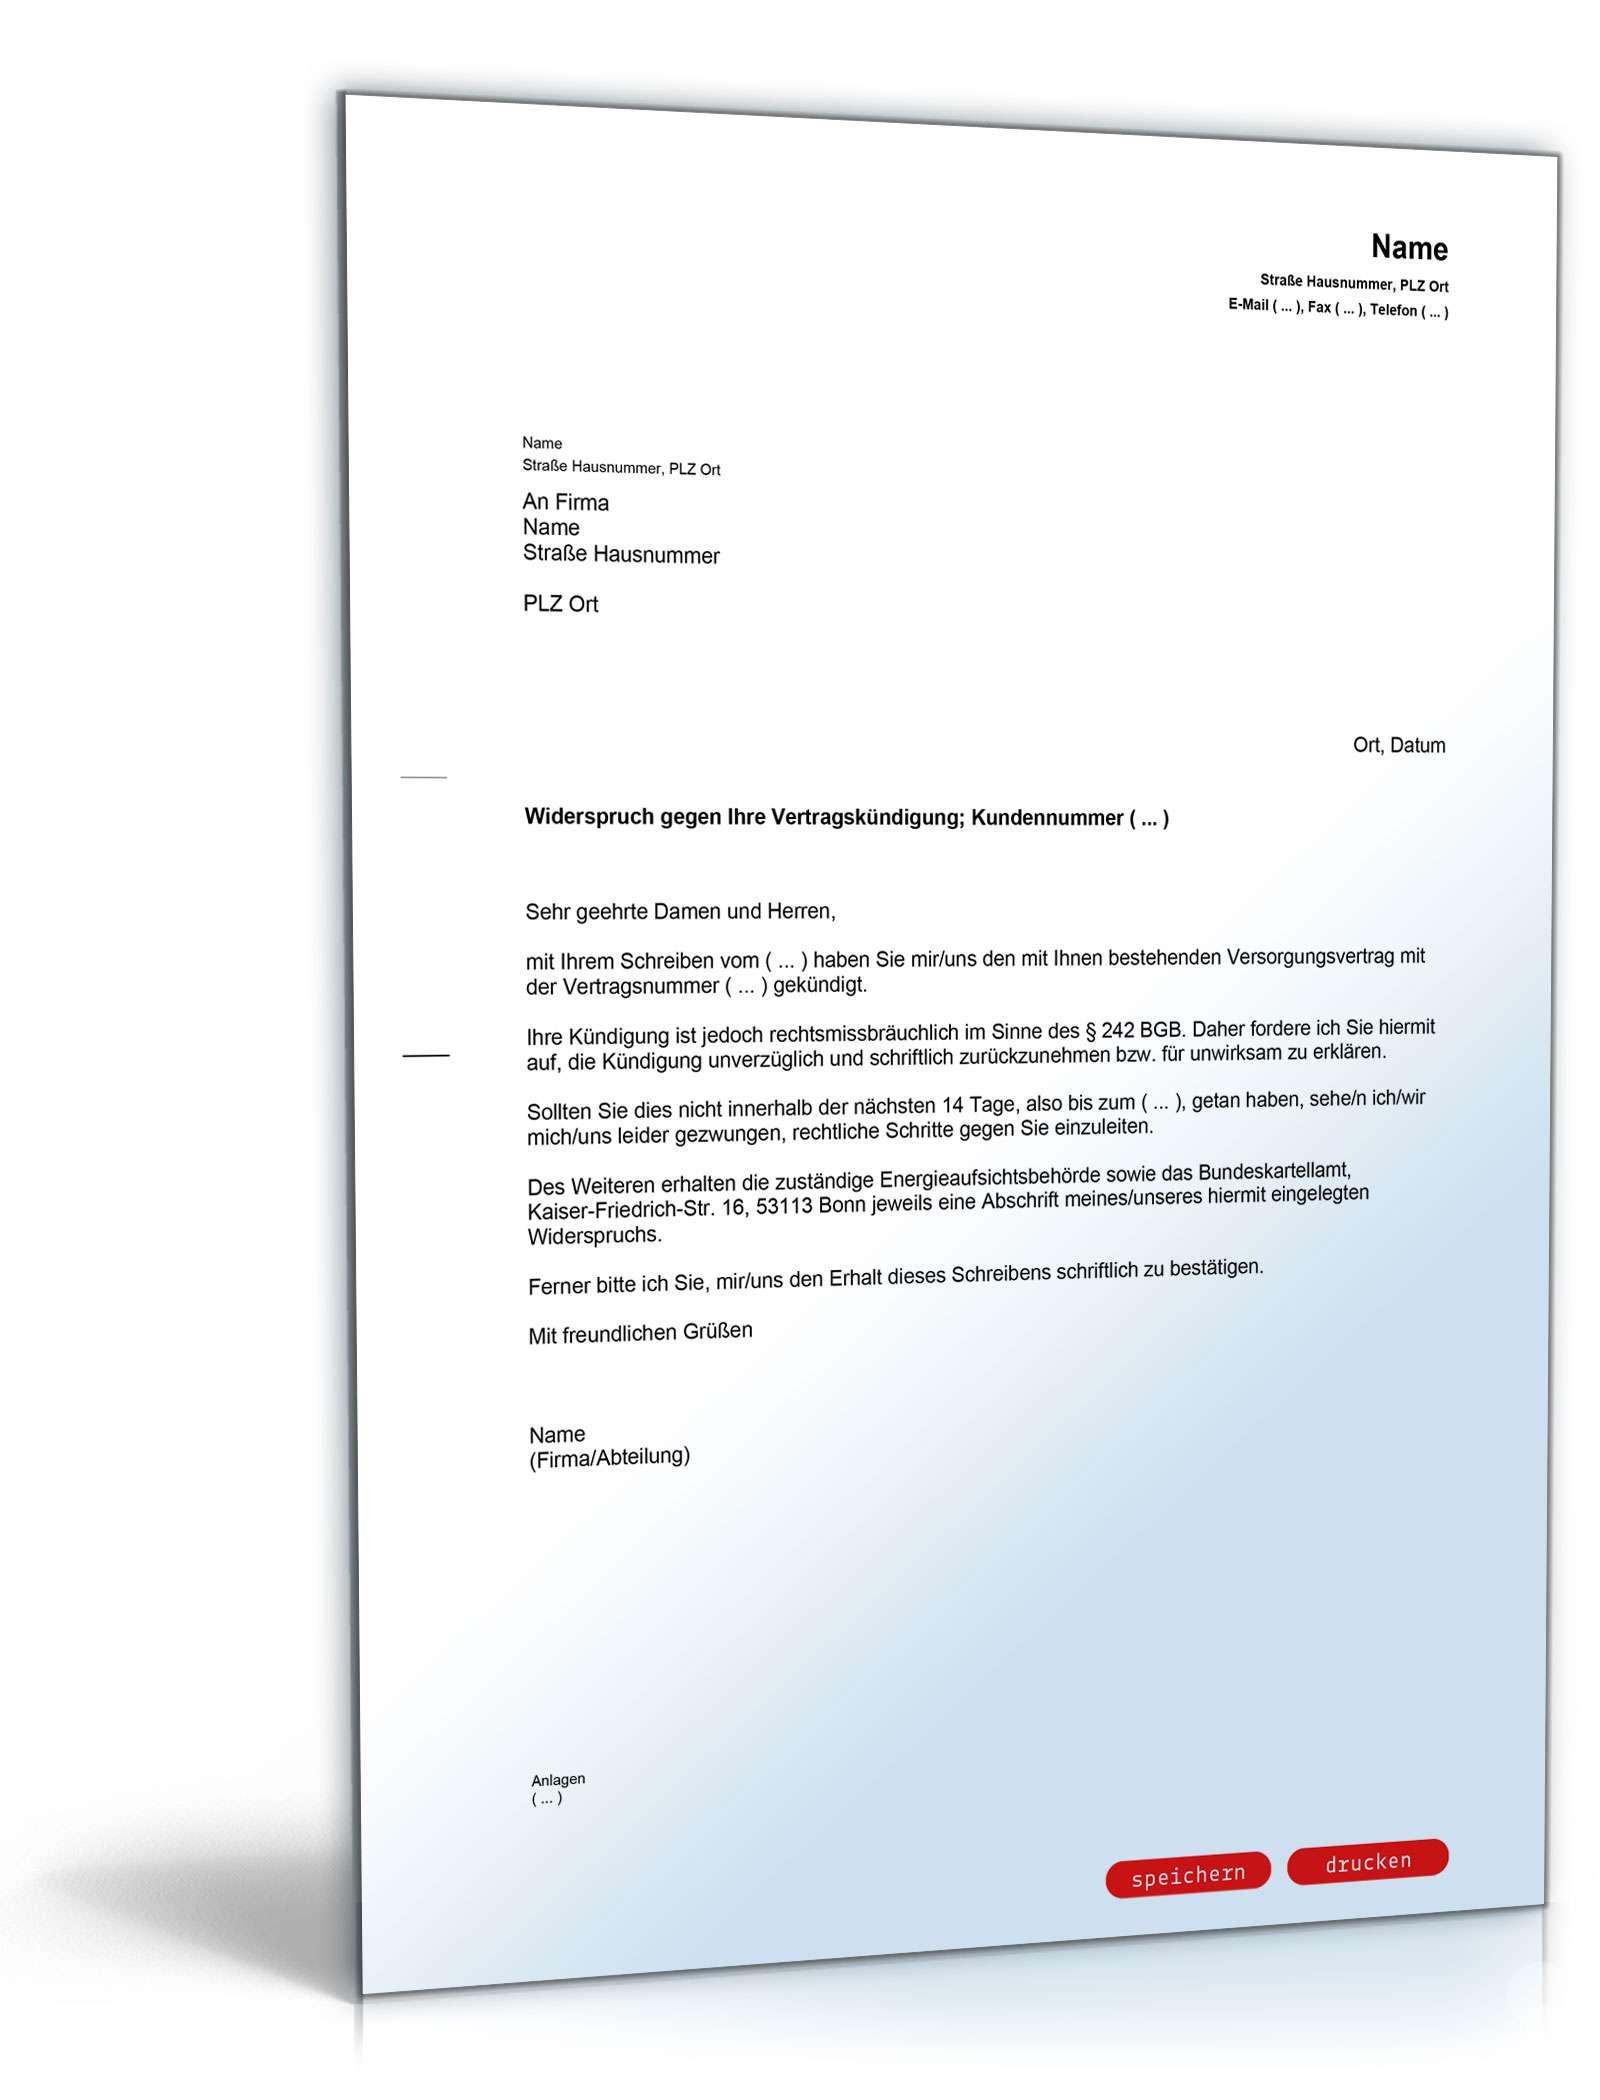 Widerspruch Gegen Vertragskündigung Durch Energieversorger Vorlage